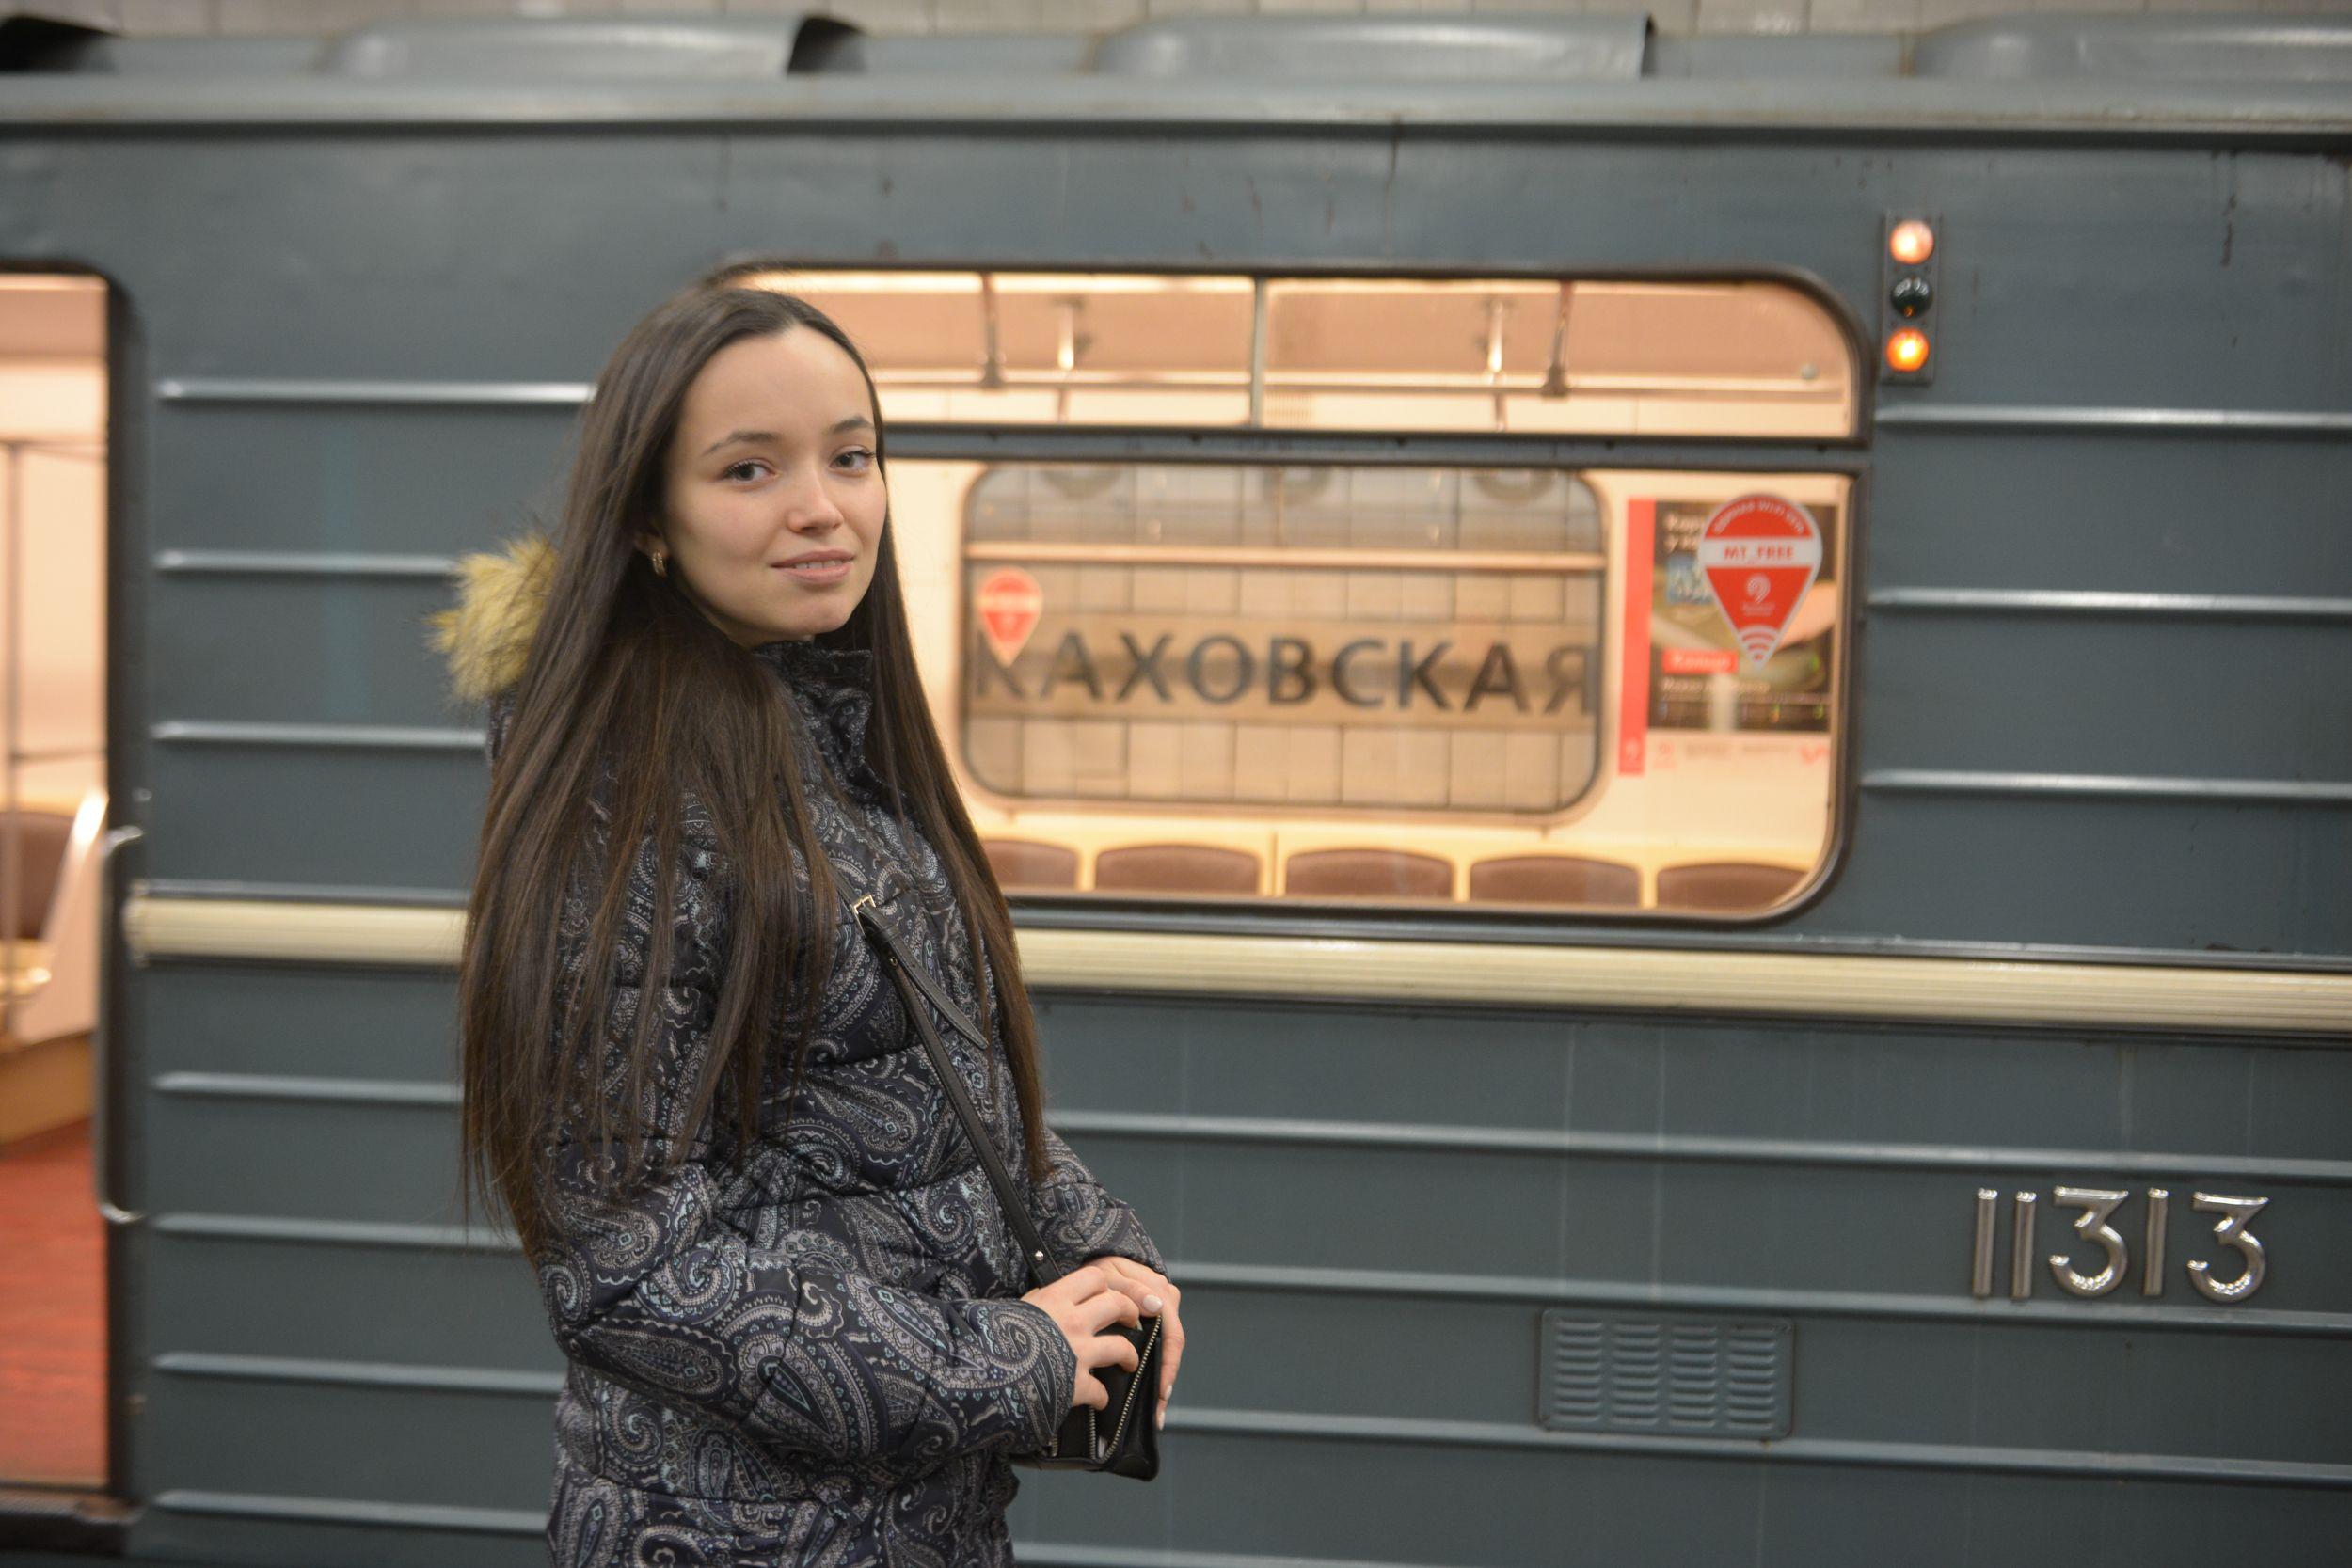 Каховскую линию метро Москвы закрыли для пассажиров